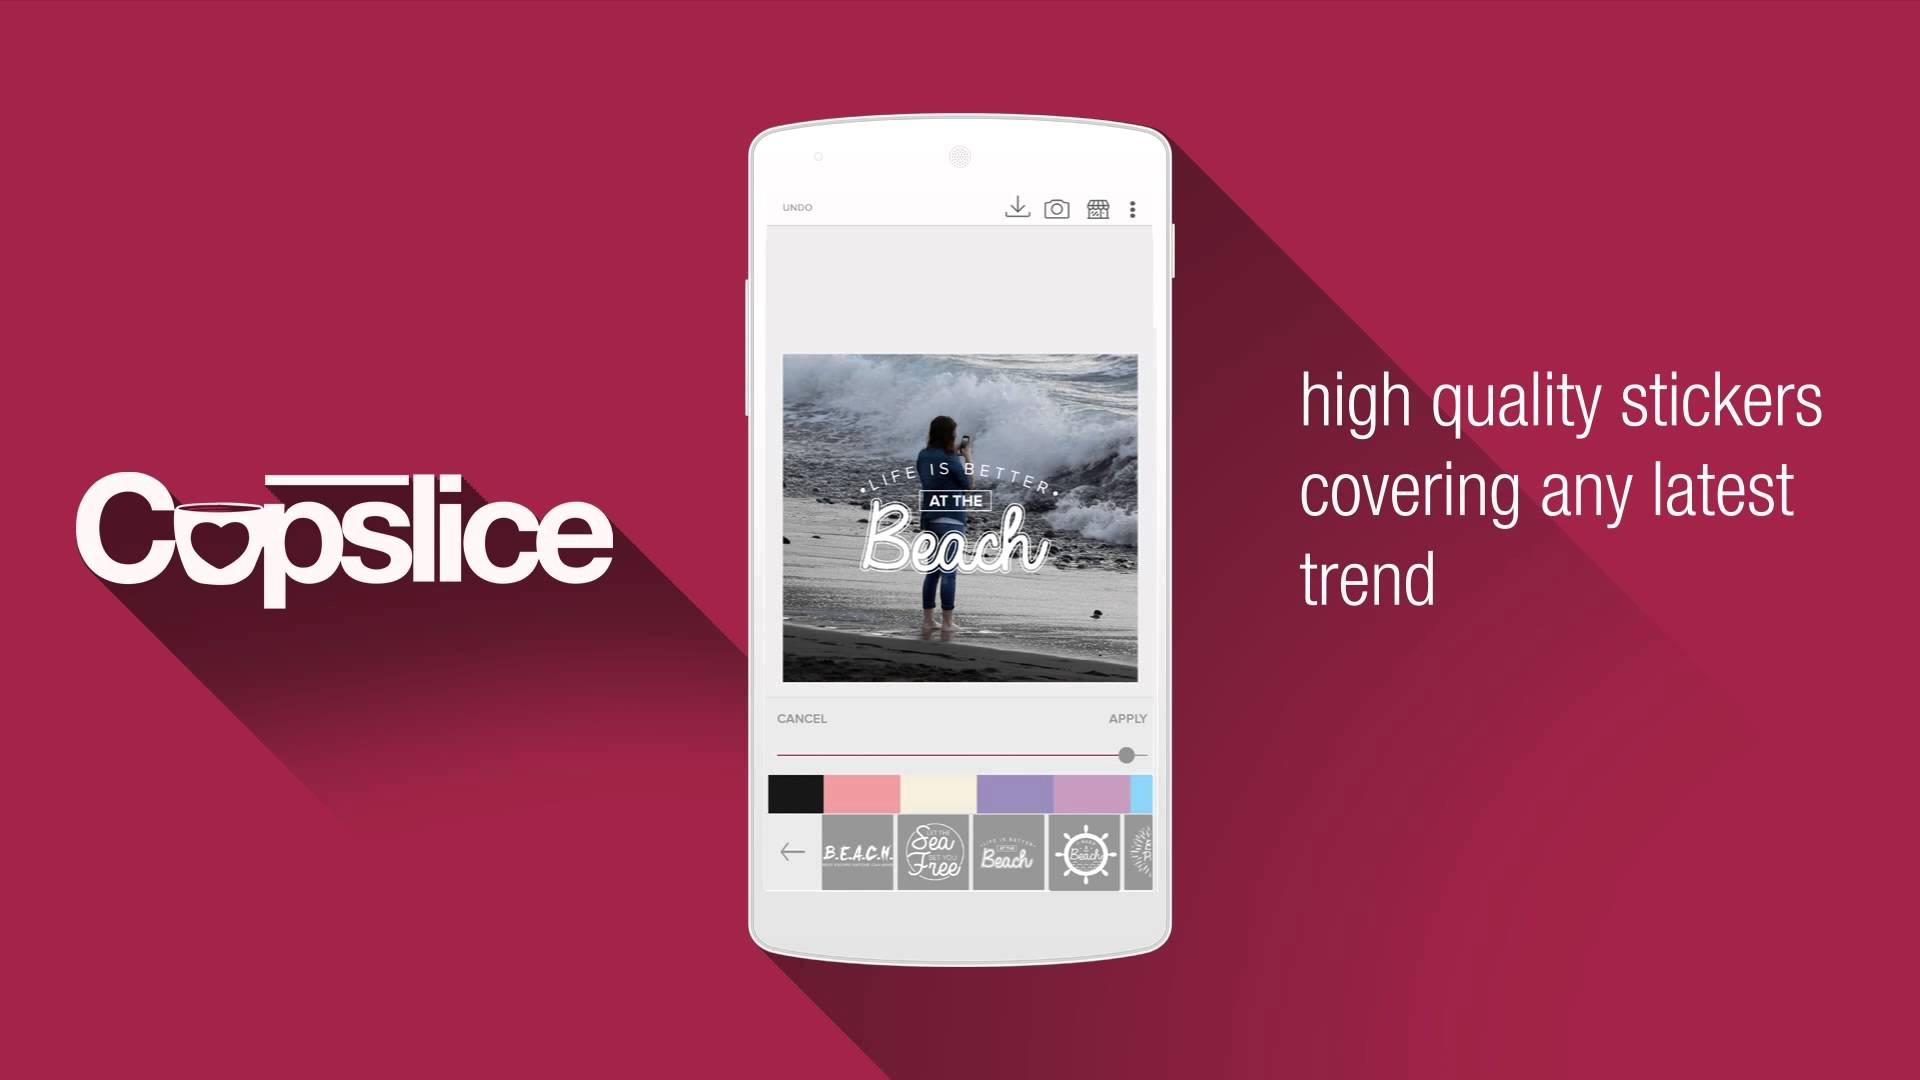 تعرف على أفضل تطبيقات تحرير الصور للهواتف الذكية العاملة بنظام تشغيل أندرويد